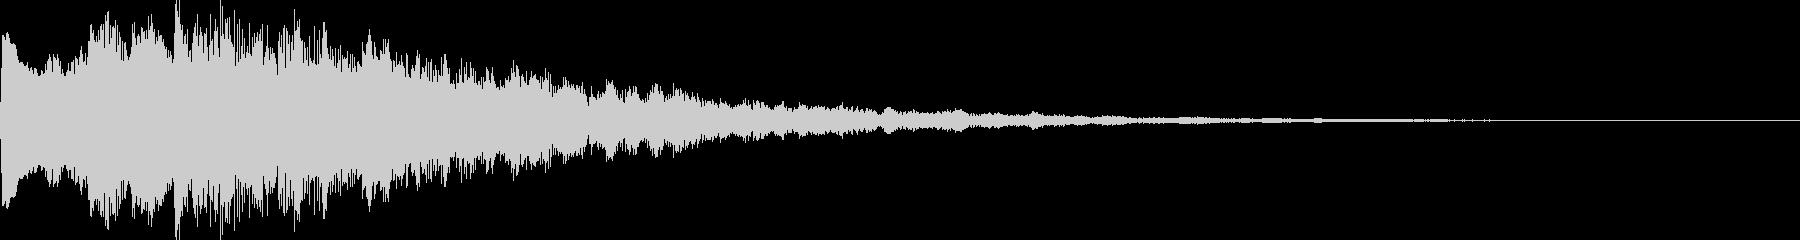 ボタン・決定音・サウンドロゴの未再生の波形